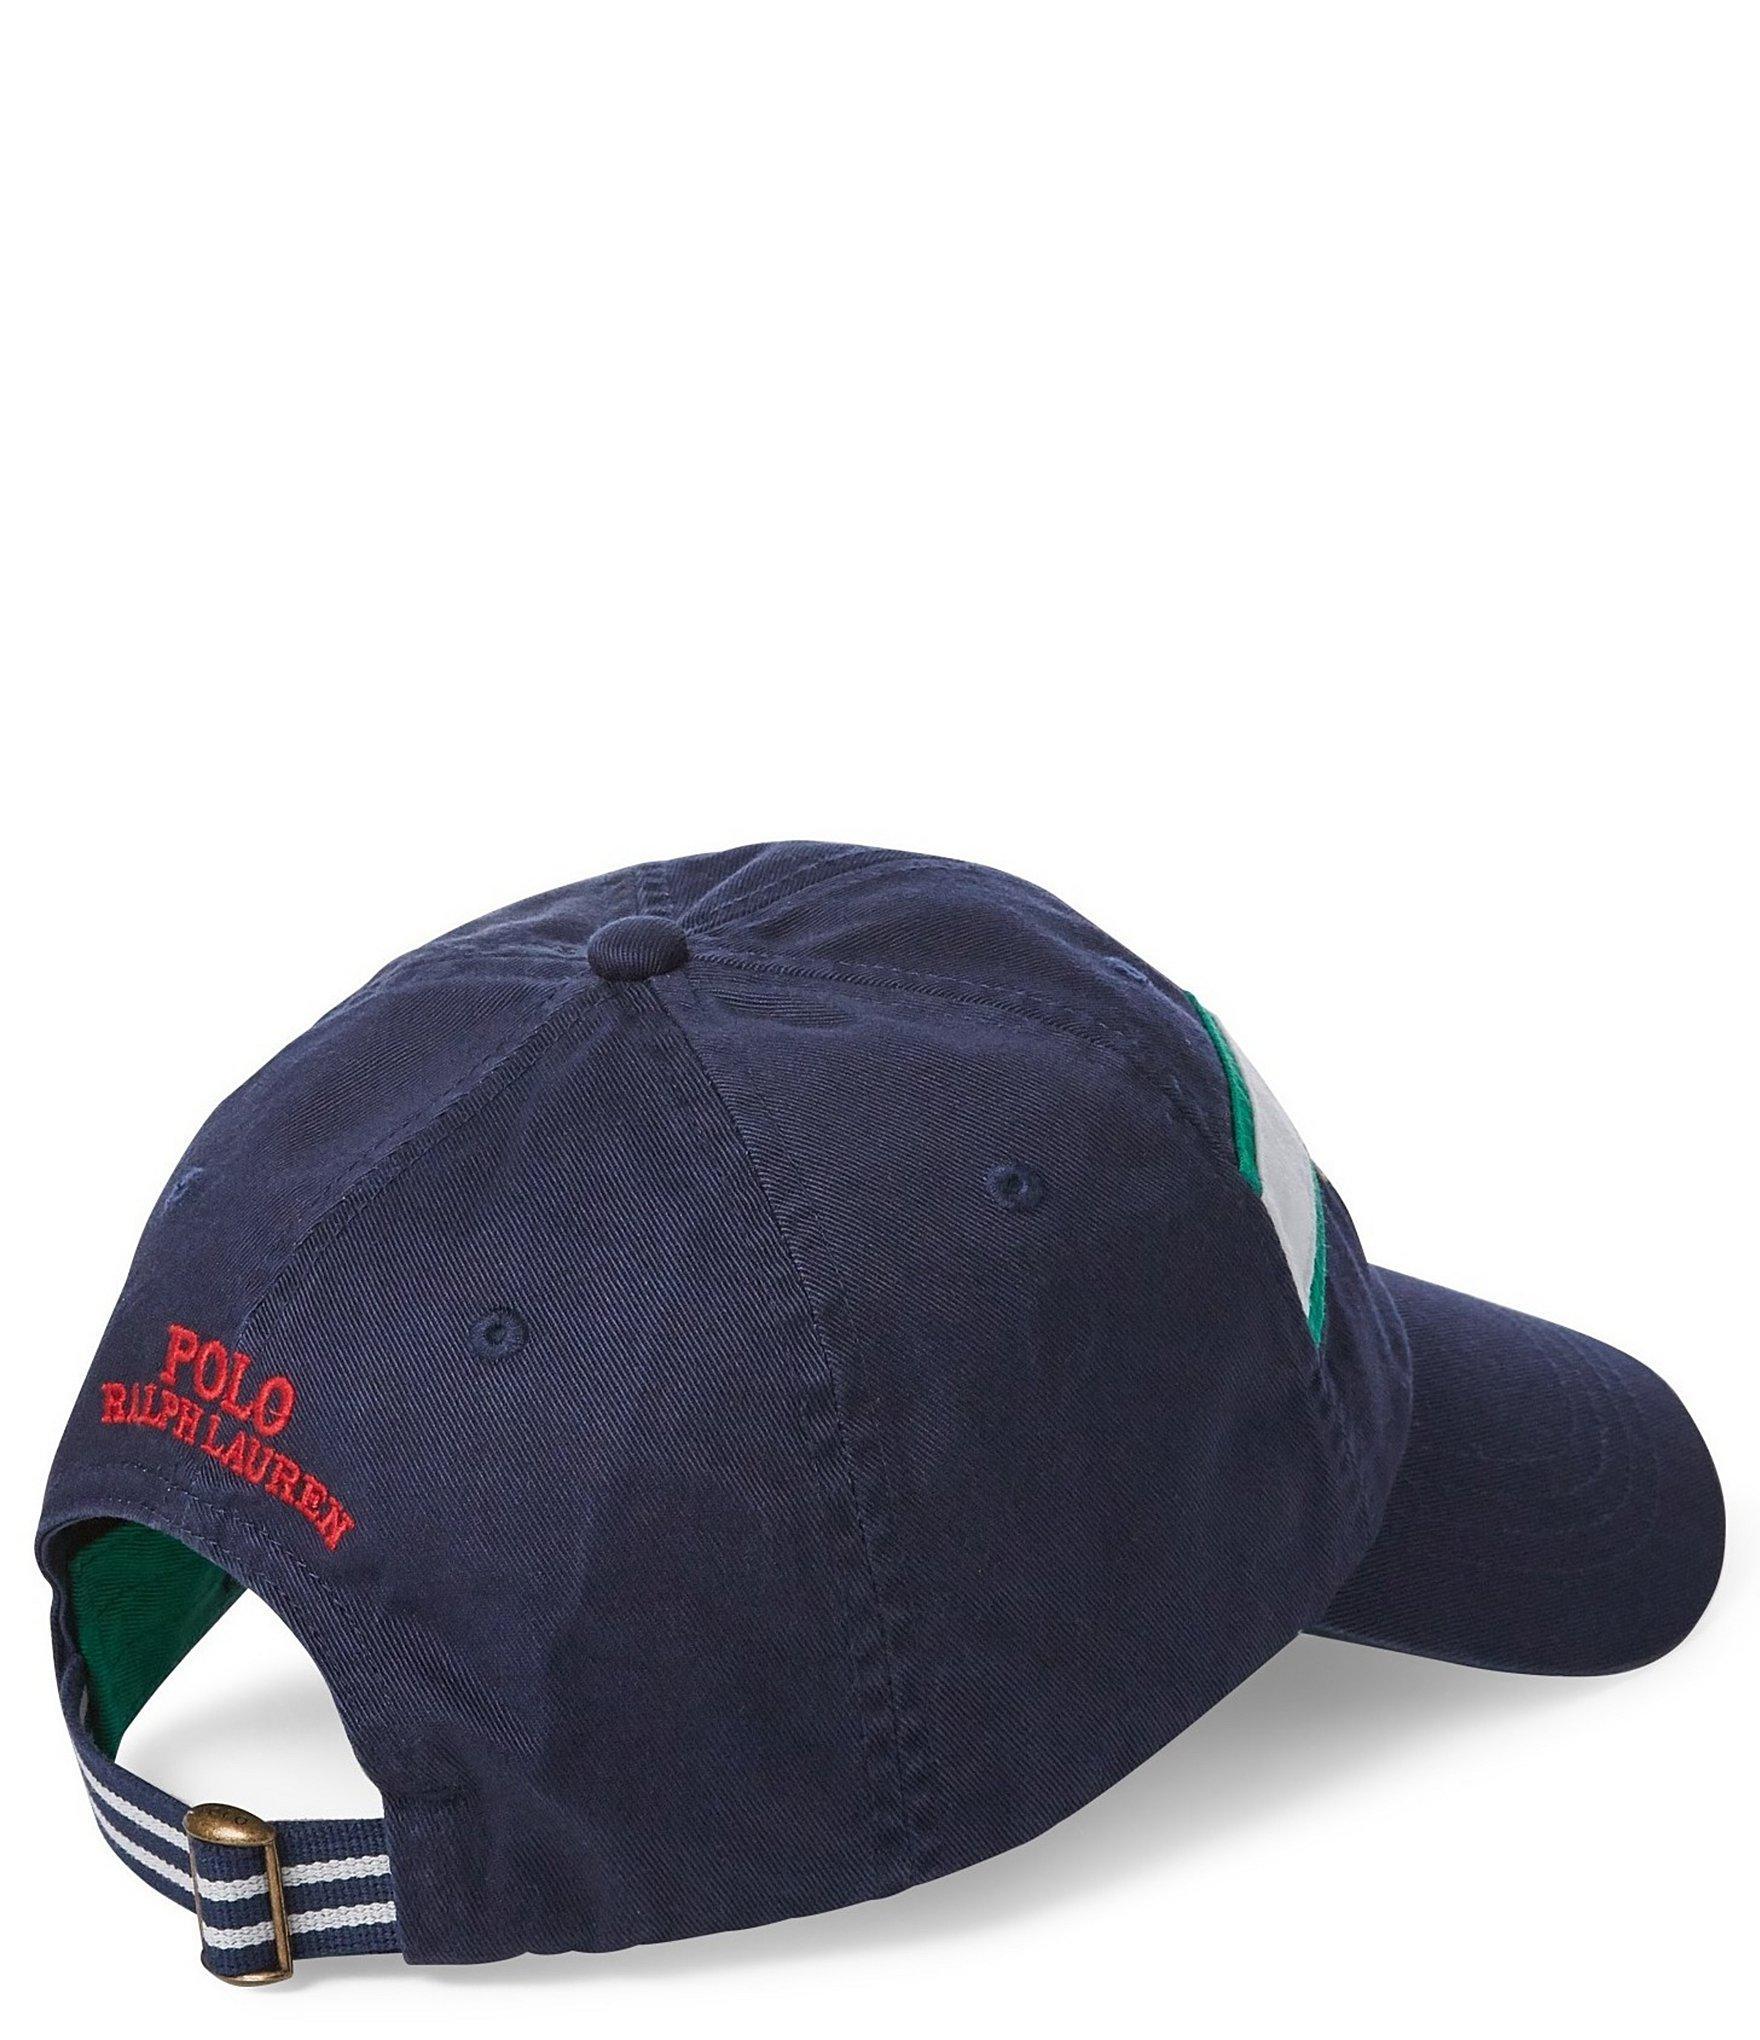 8a97c035e06b2 Polo Ralph Lauren - Blue Stripe Crest Baseball Cap for Men - Lyst. View  fullscreen